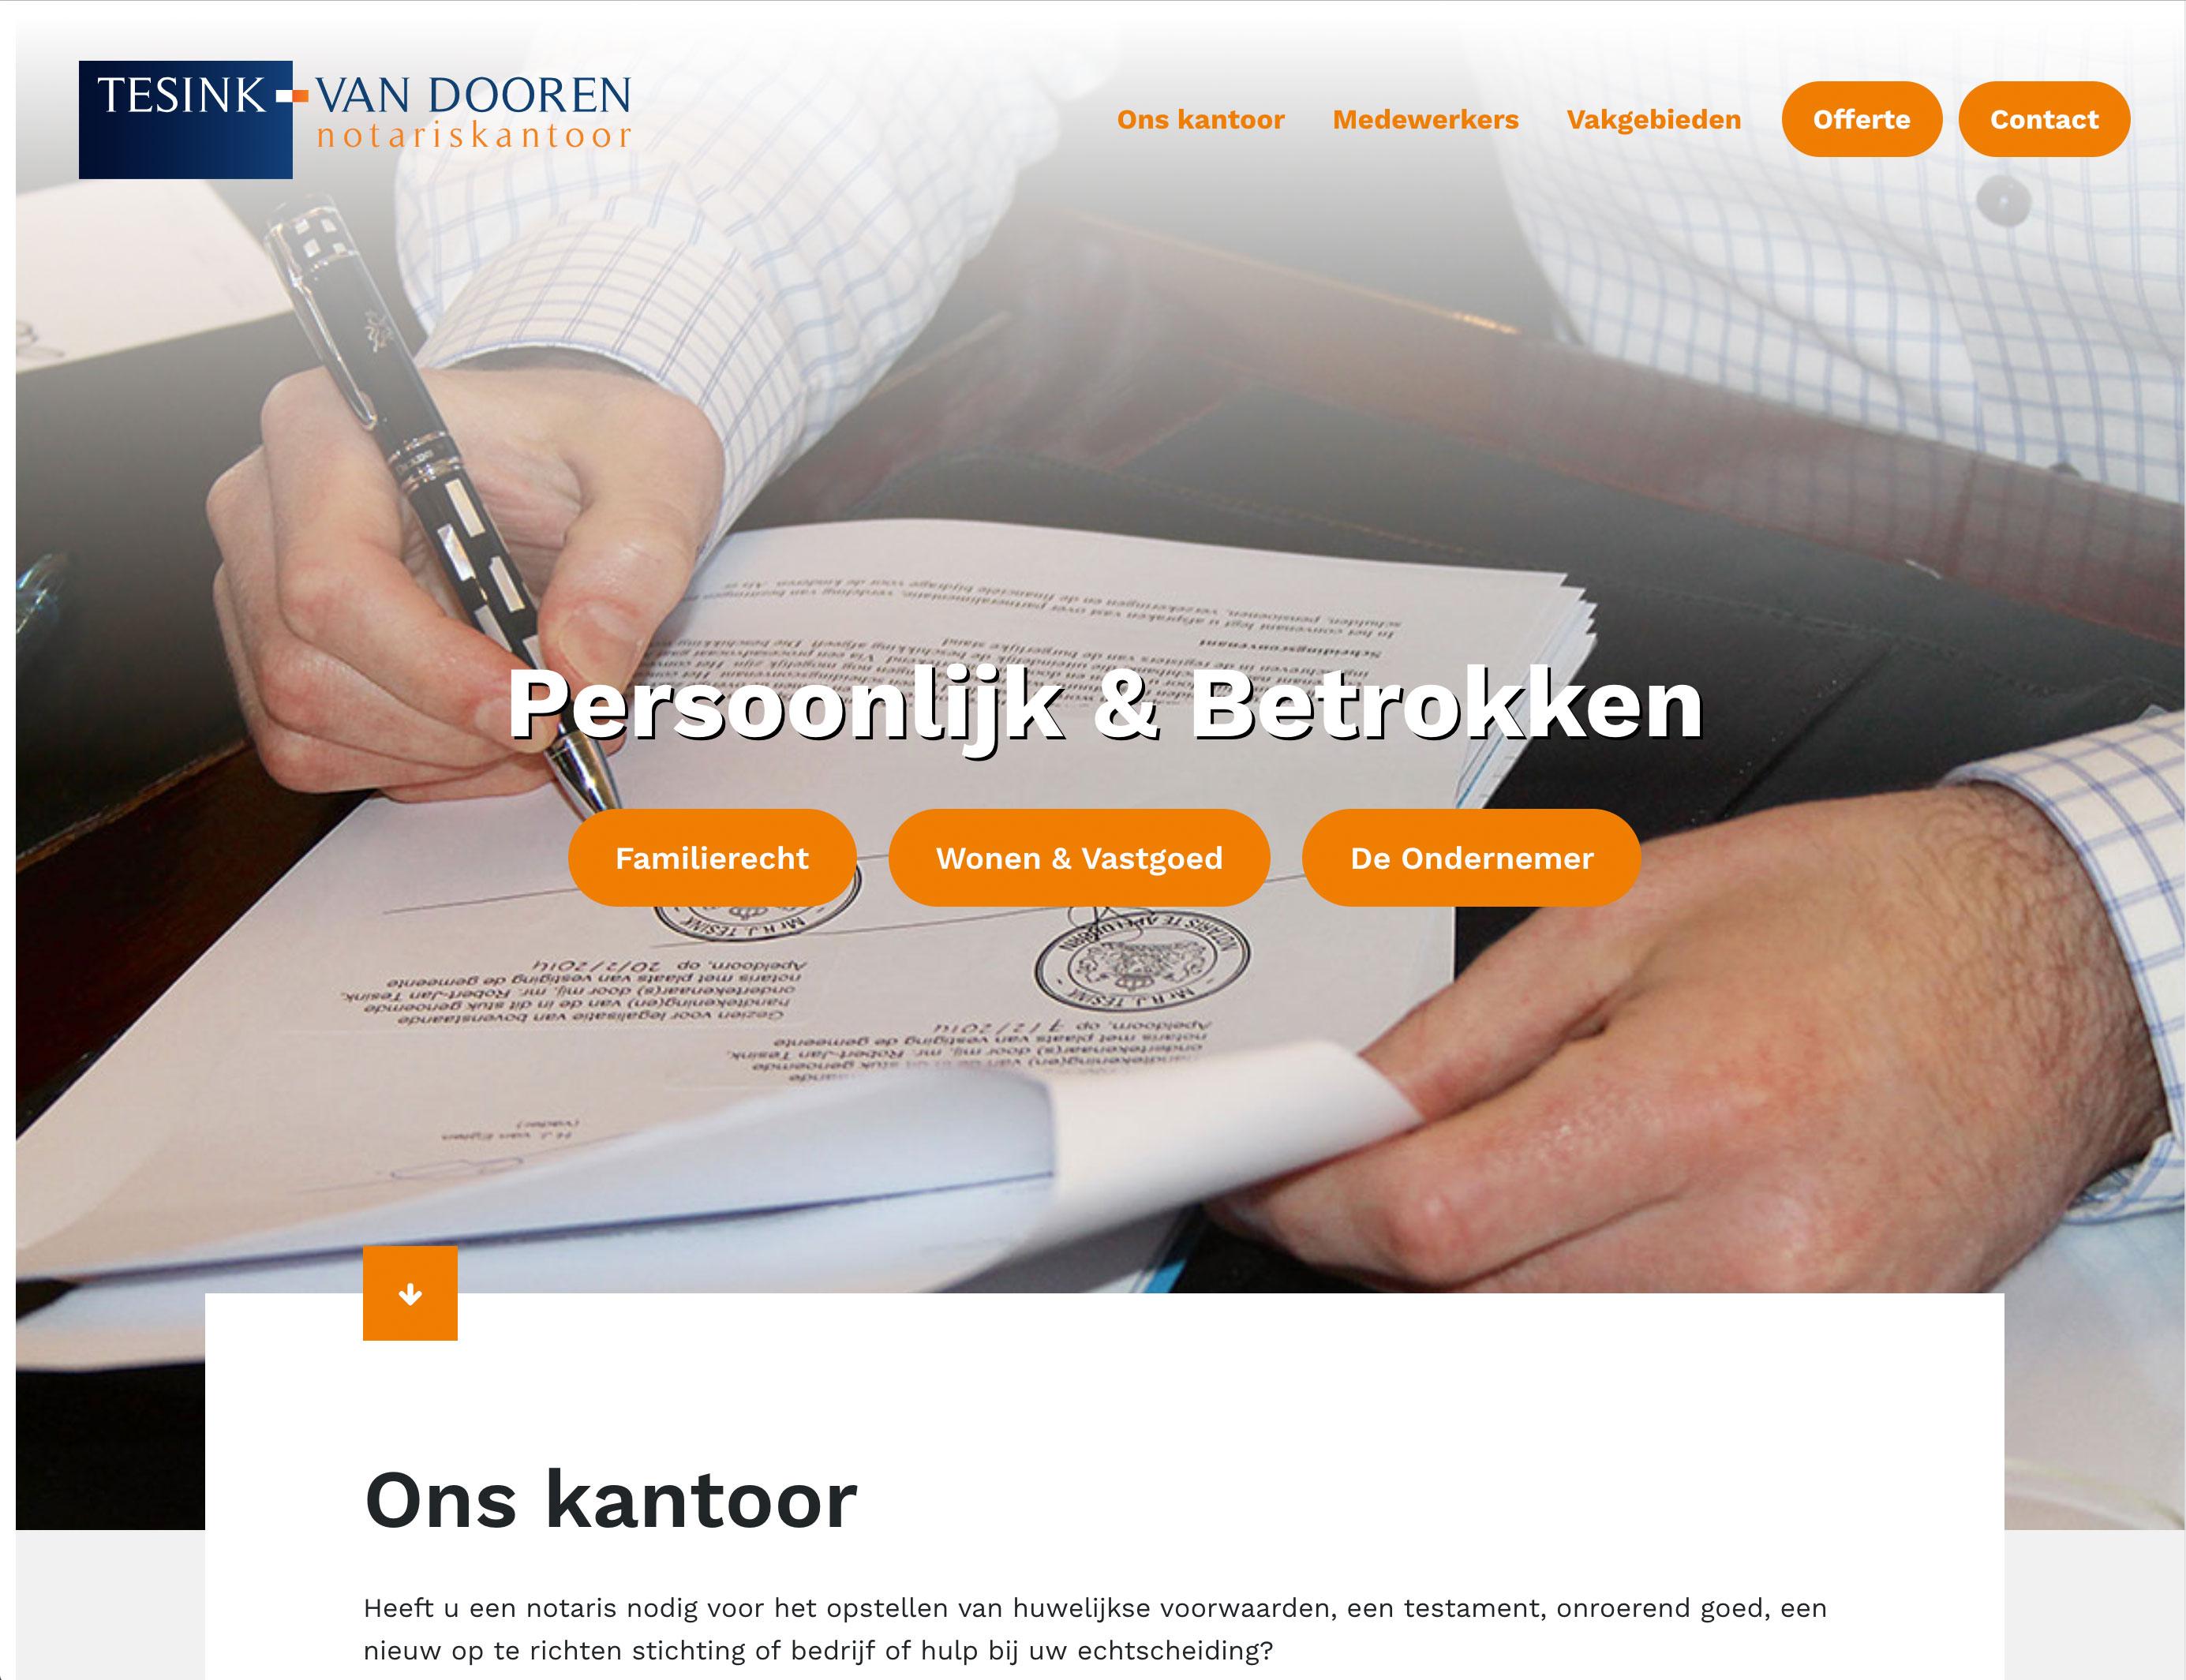 Nieuwe website voor notariskantoor Tesink - Van Dooren